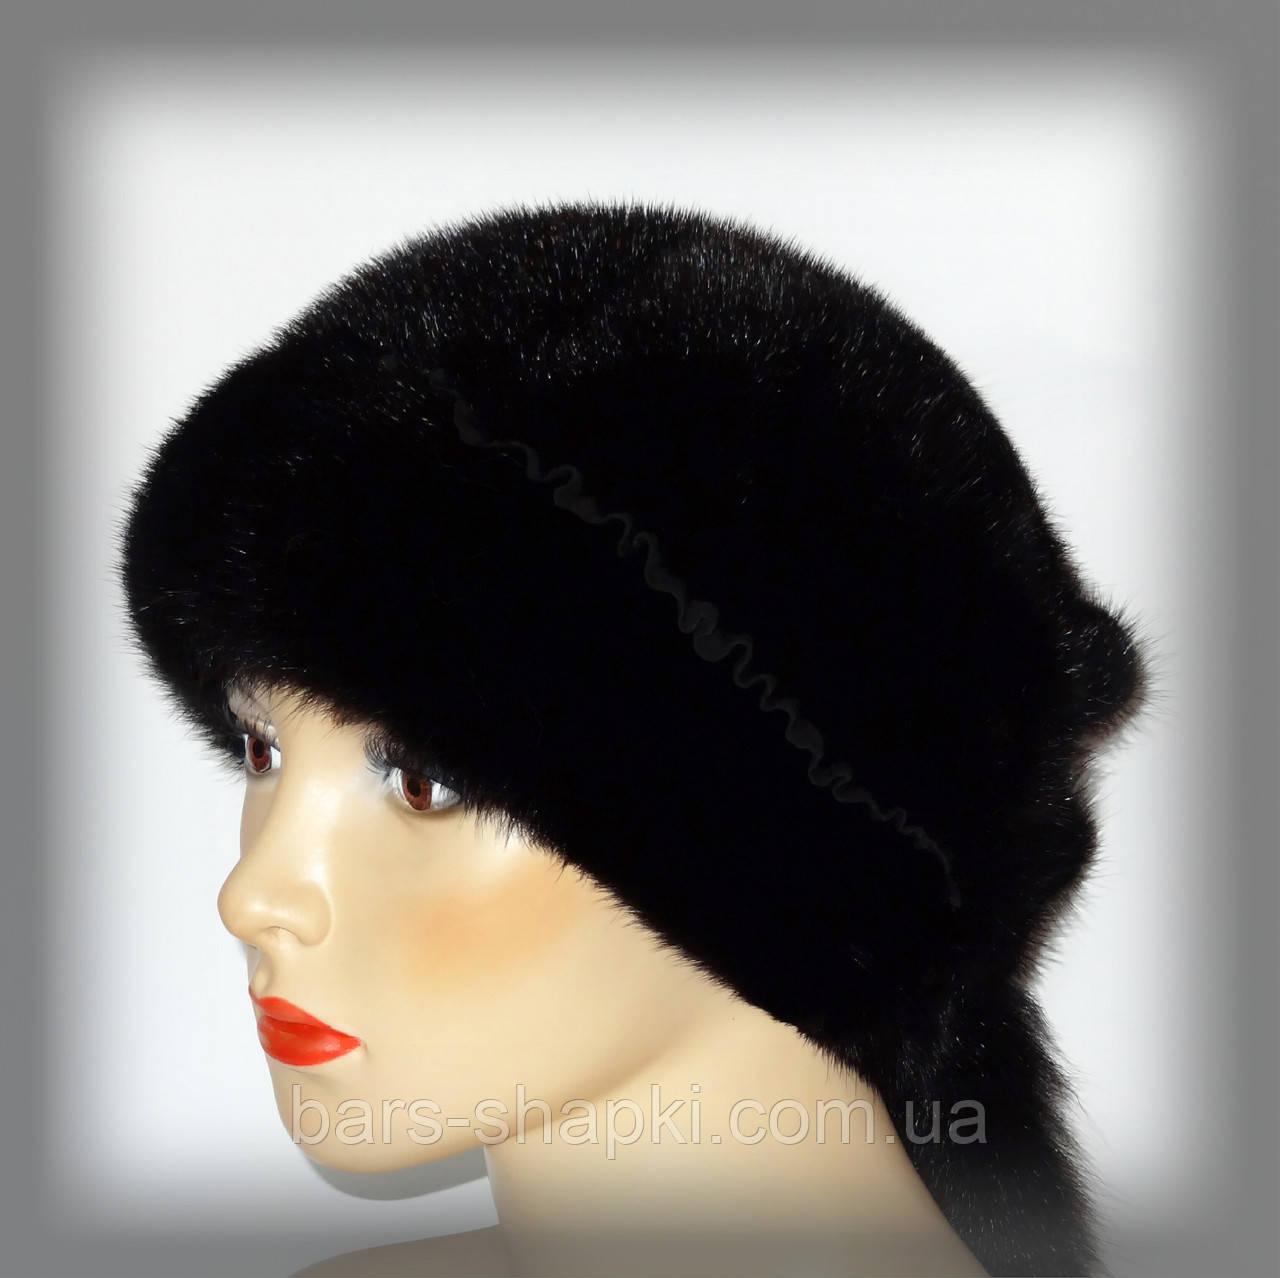 Хутряна норкова шапка з хвостиками (коричнева)